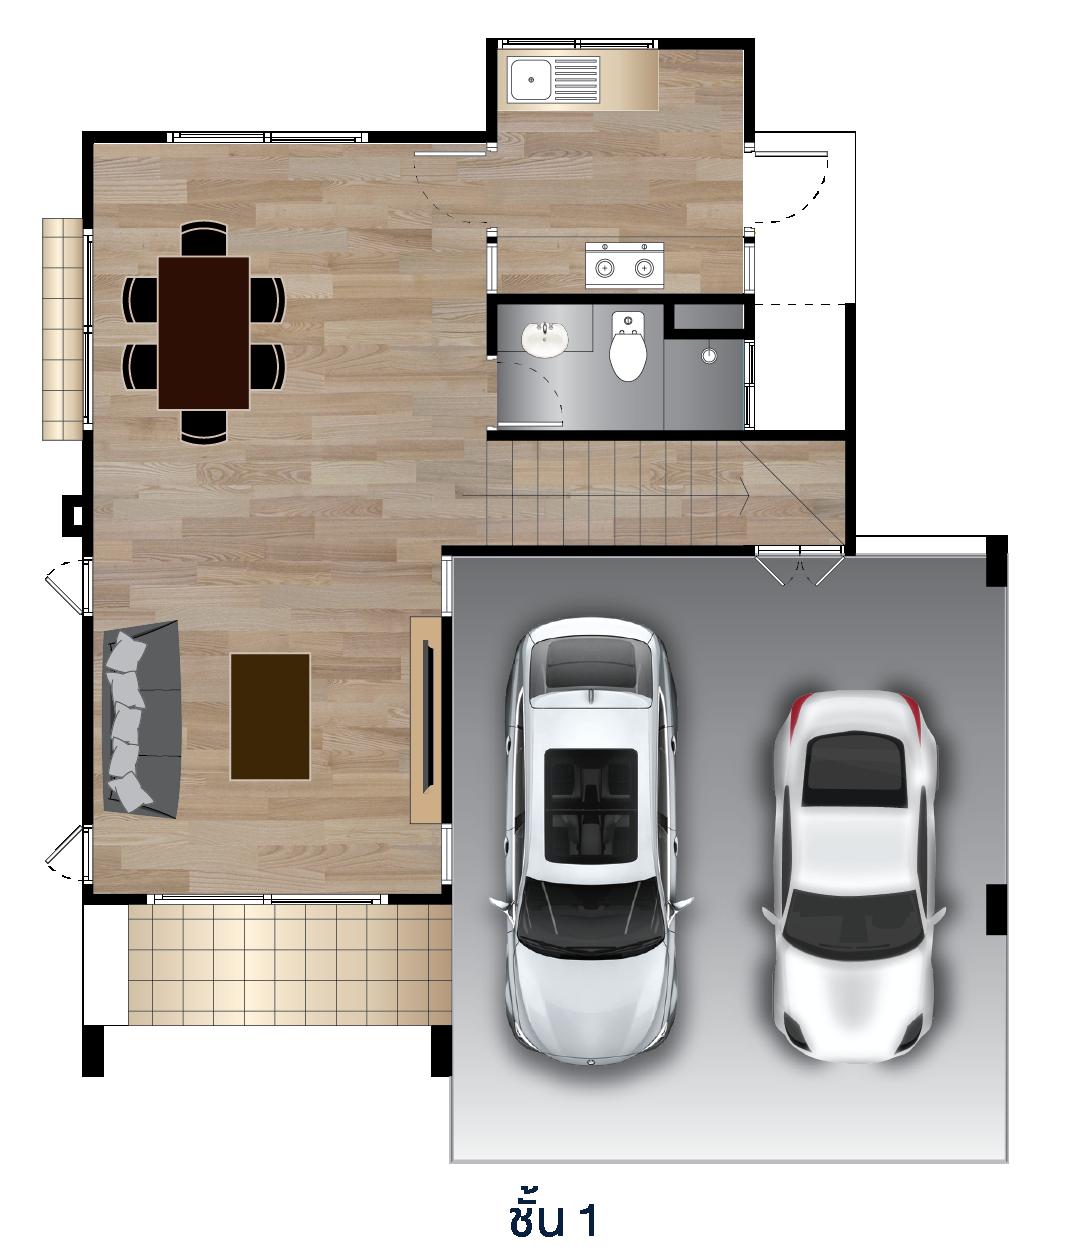 บ้านเดี่ยว บ้านแฝด ทาวน์โฮม ทาวน์เฮ้าส์ Sammakorn สัมมากร ชัยพฤกษ์-วงแหวน รีวิว พรีวิว ที่ตั้ง ทำเล การเดินทาง บ้านพร้อมอยู่ บ้านใหม่ บ้านราคาถูก